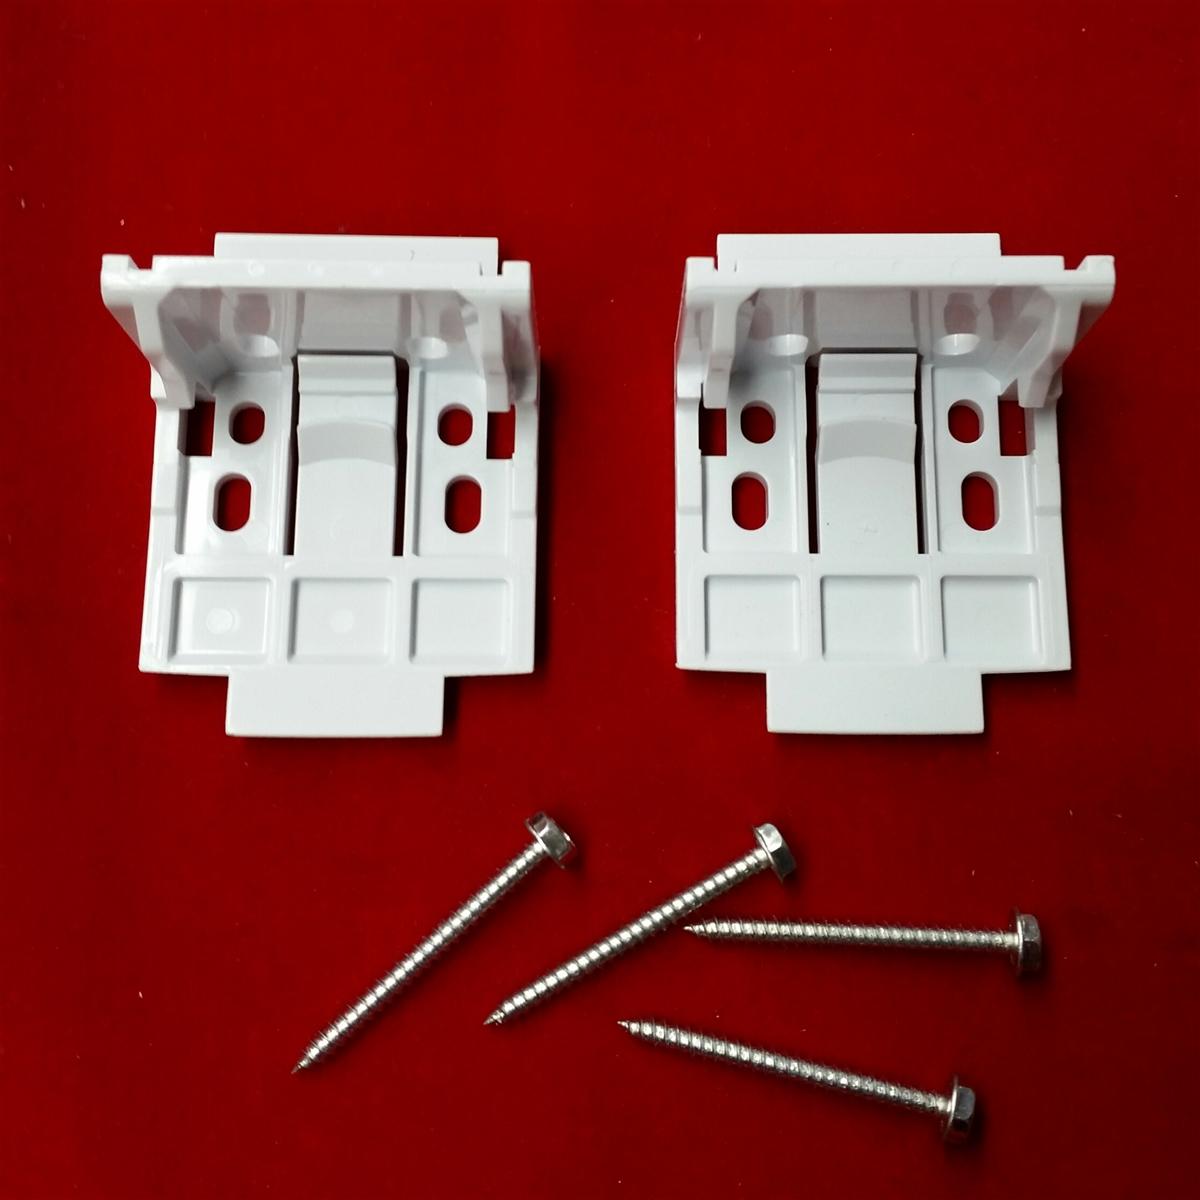 Kit Vignette Installation Brackets Plastic Pack Of 2